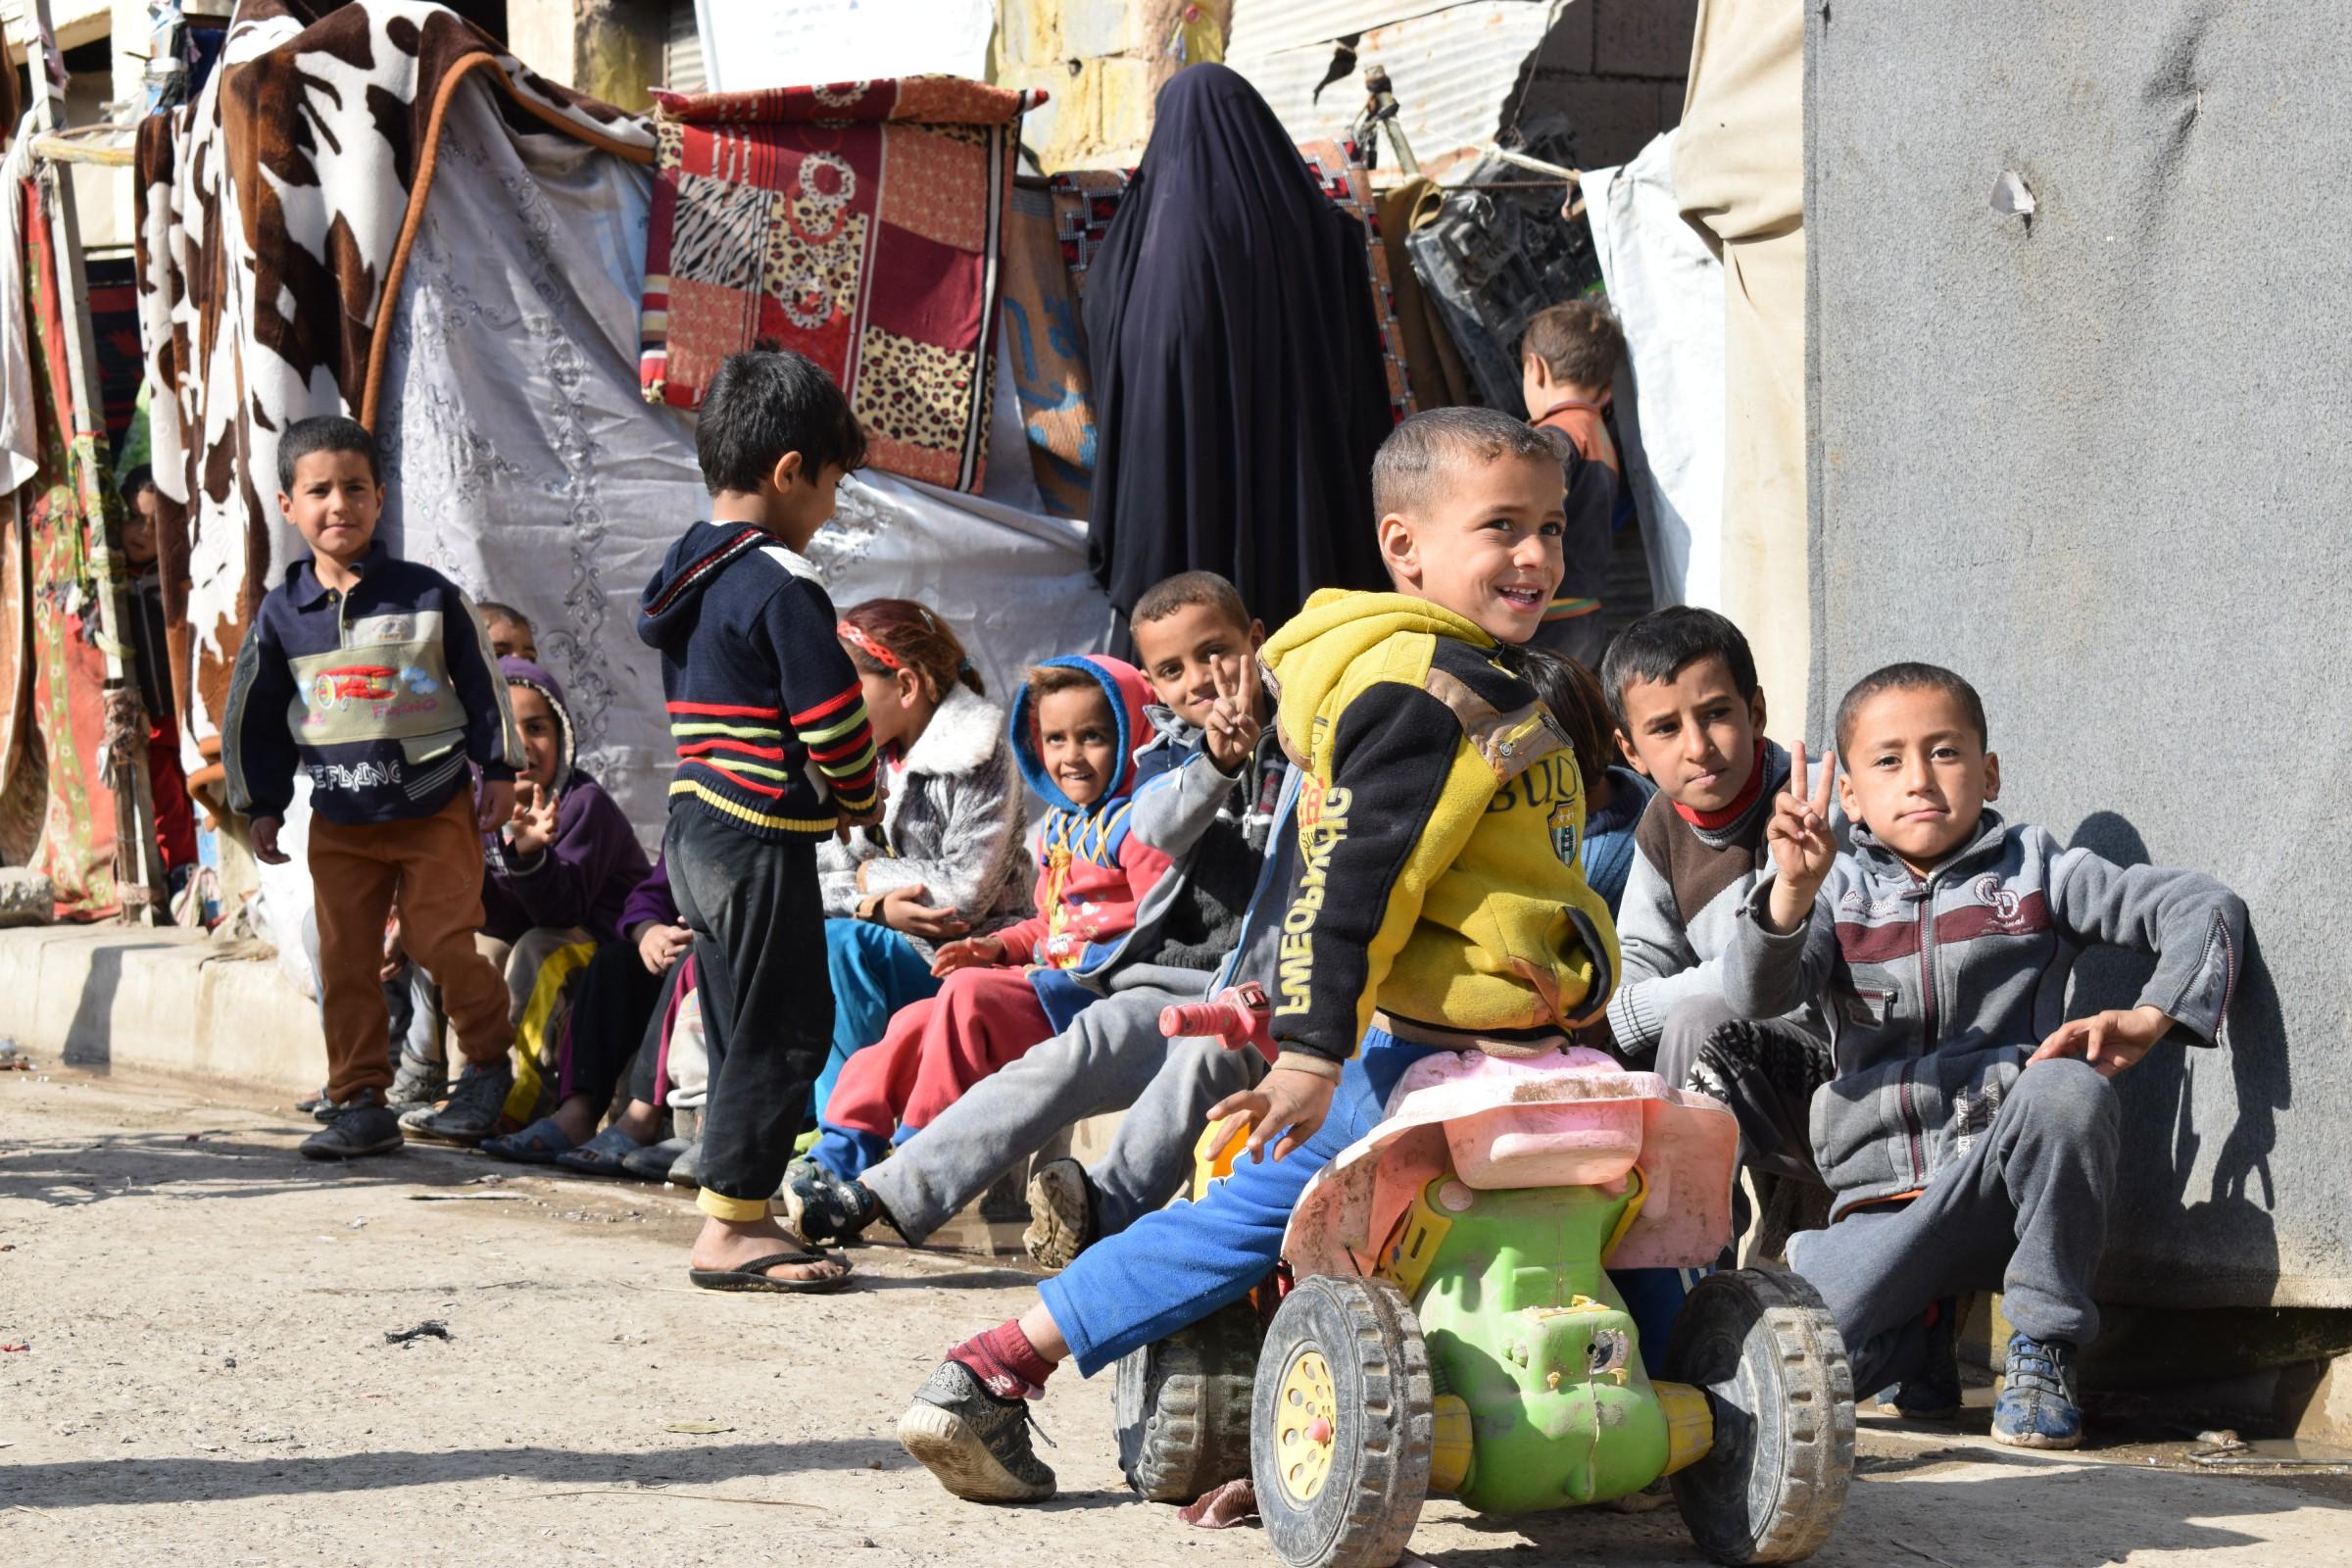 بالصور.. ورش تصليح السيارات بالرمادي مأوى لمشردين تهدمت منازلهم